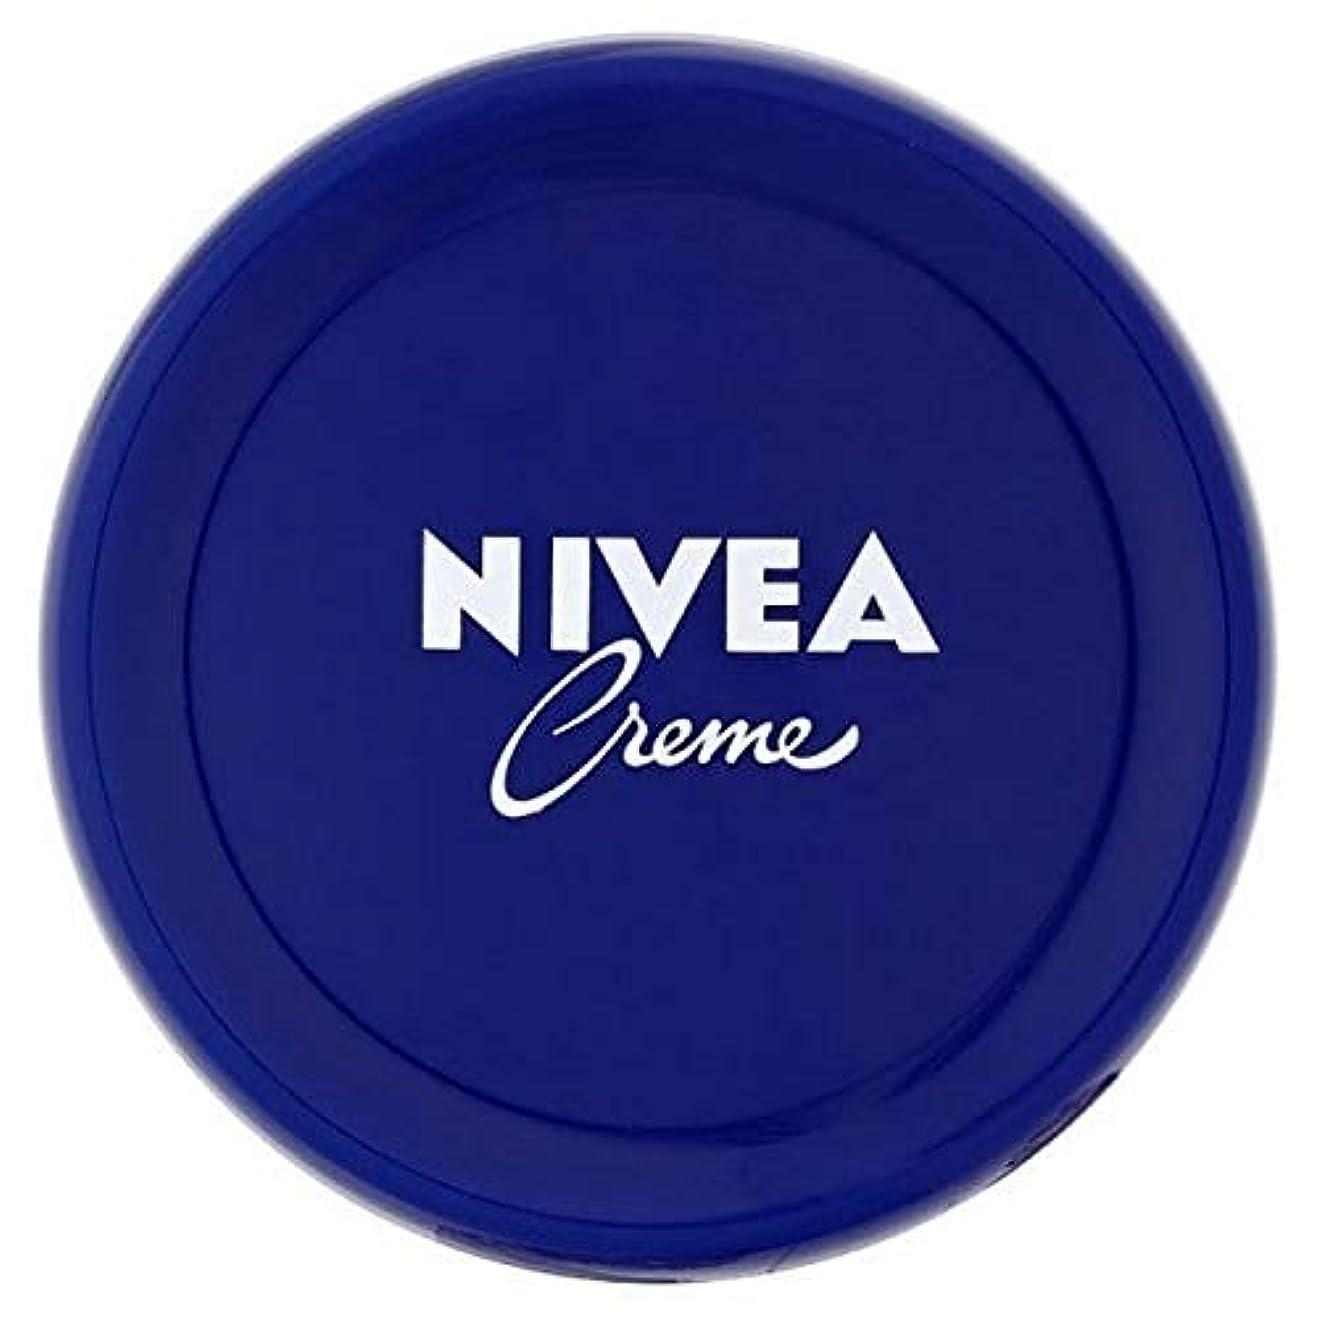 徒歩で死んでいる命令[Nivea ] ニベアクリーム万能ボディクリーム、200ミリリットル - NIVEA Creme All Purpose Body Cream, 200ml [並行輸入品]